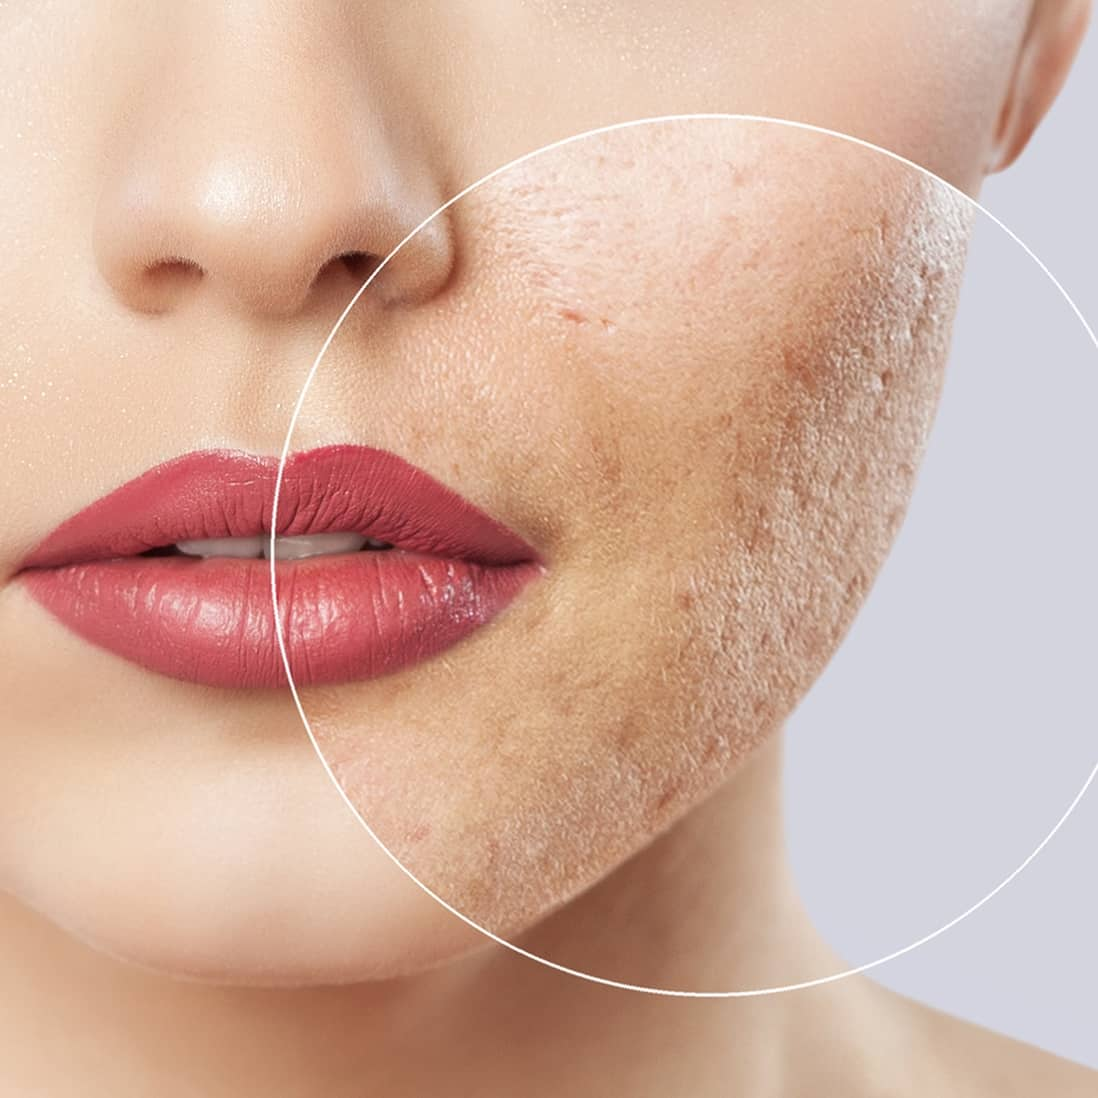 Die Naturheilkunde bietet verschiedene Methoden, um Narben nahezu verschwinden zu lassen